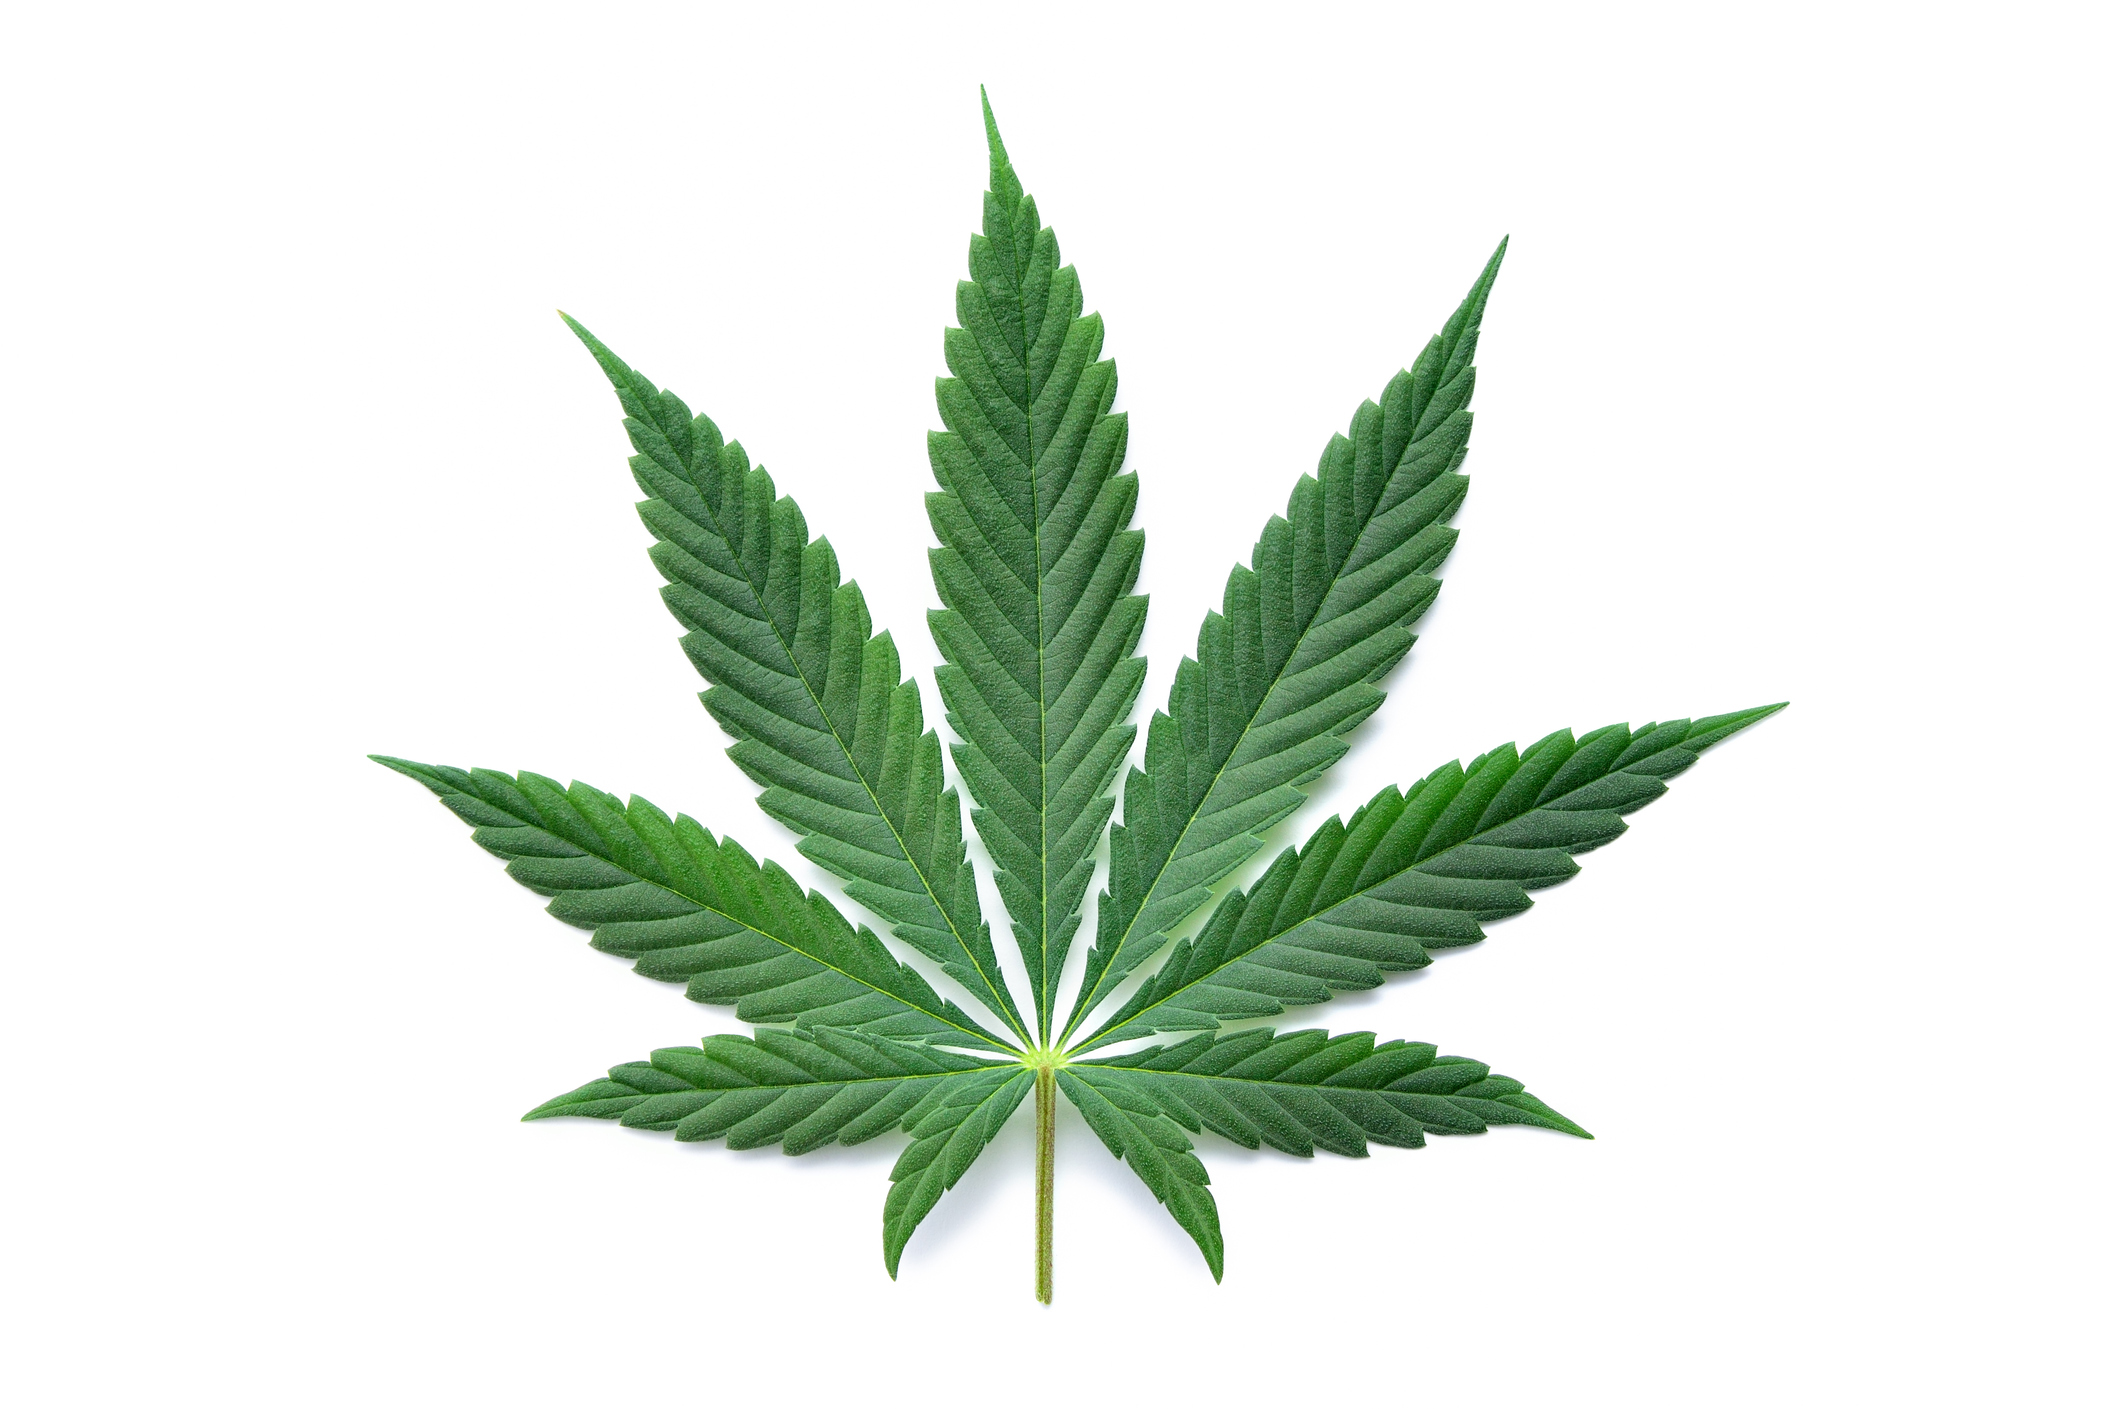 Lifes Priorities Food Weed Video Games Pot Marijuana Toke Long Sleeve Thermal